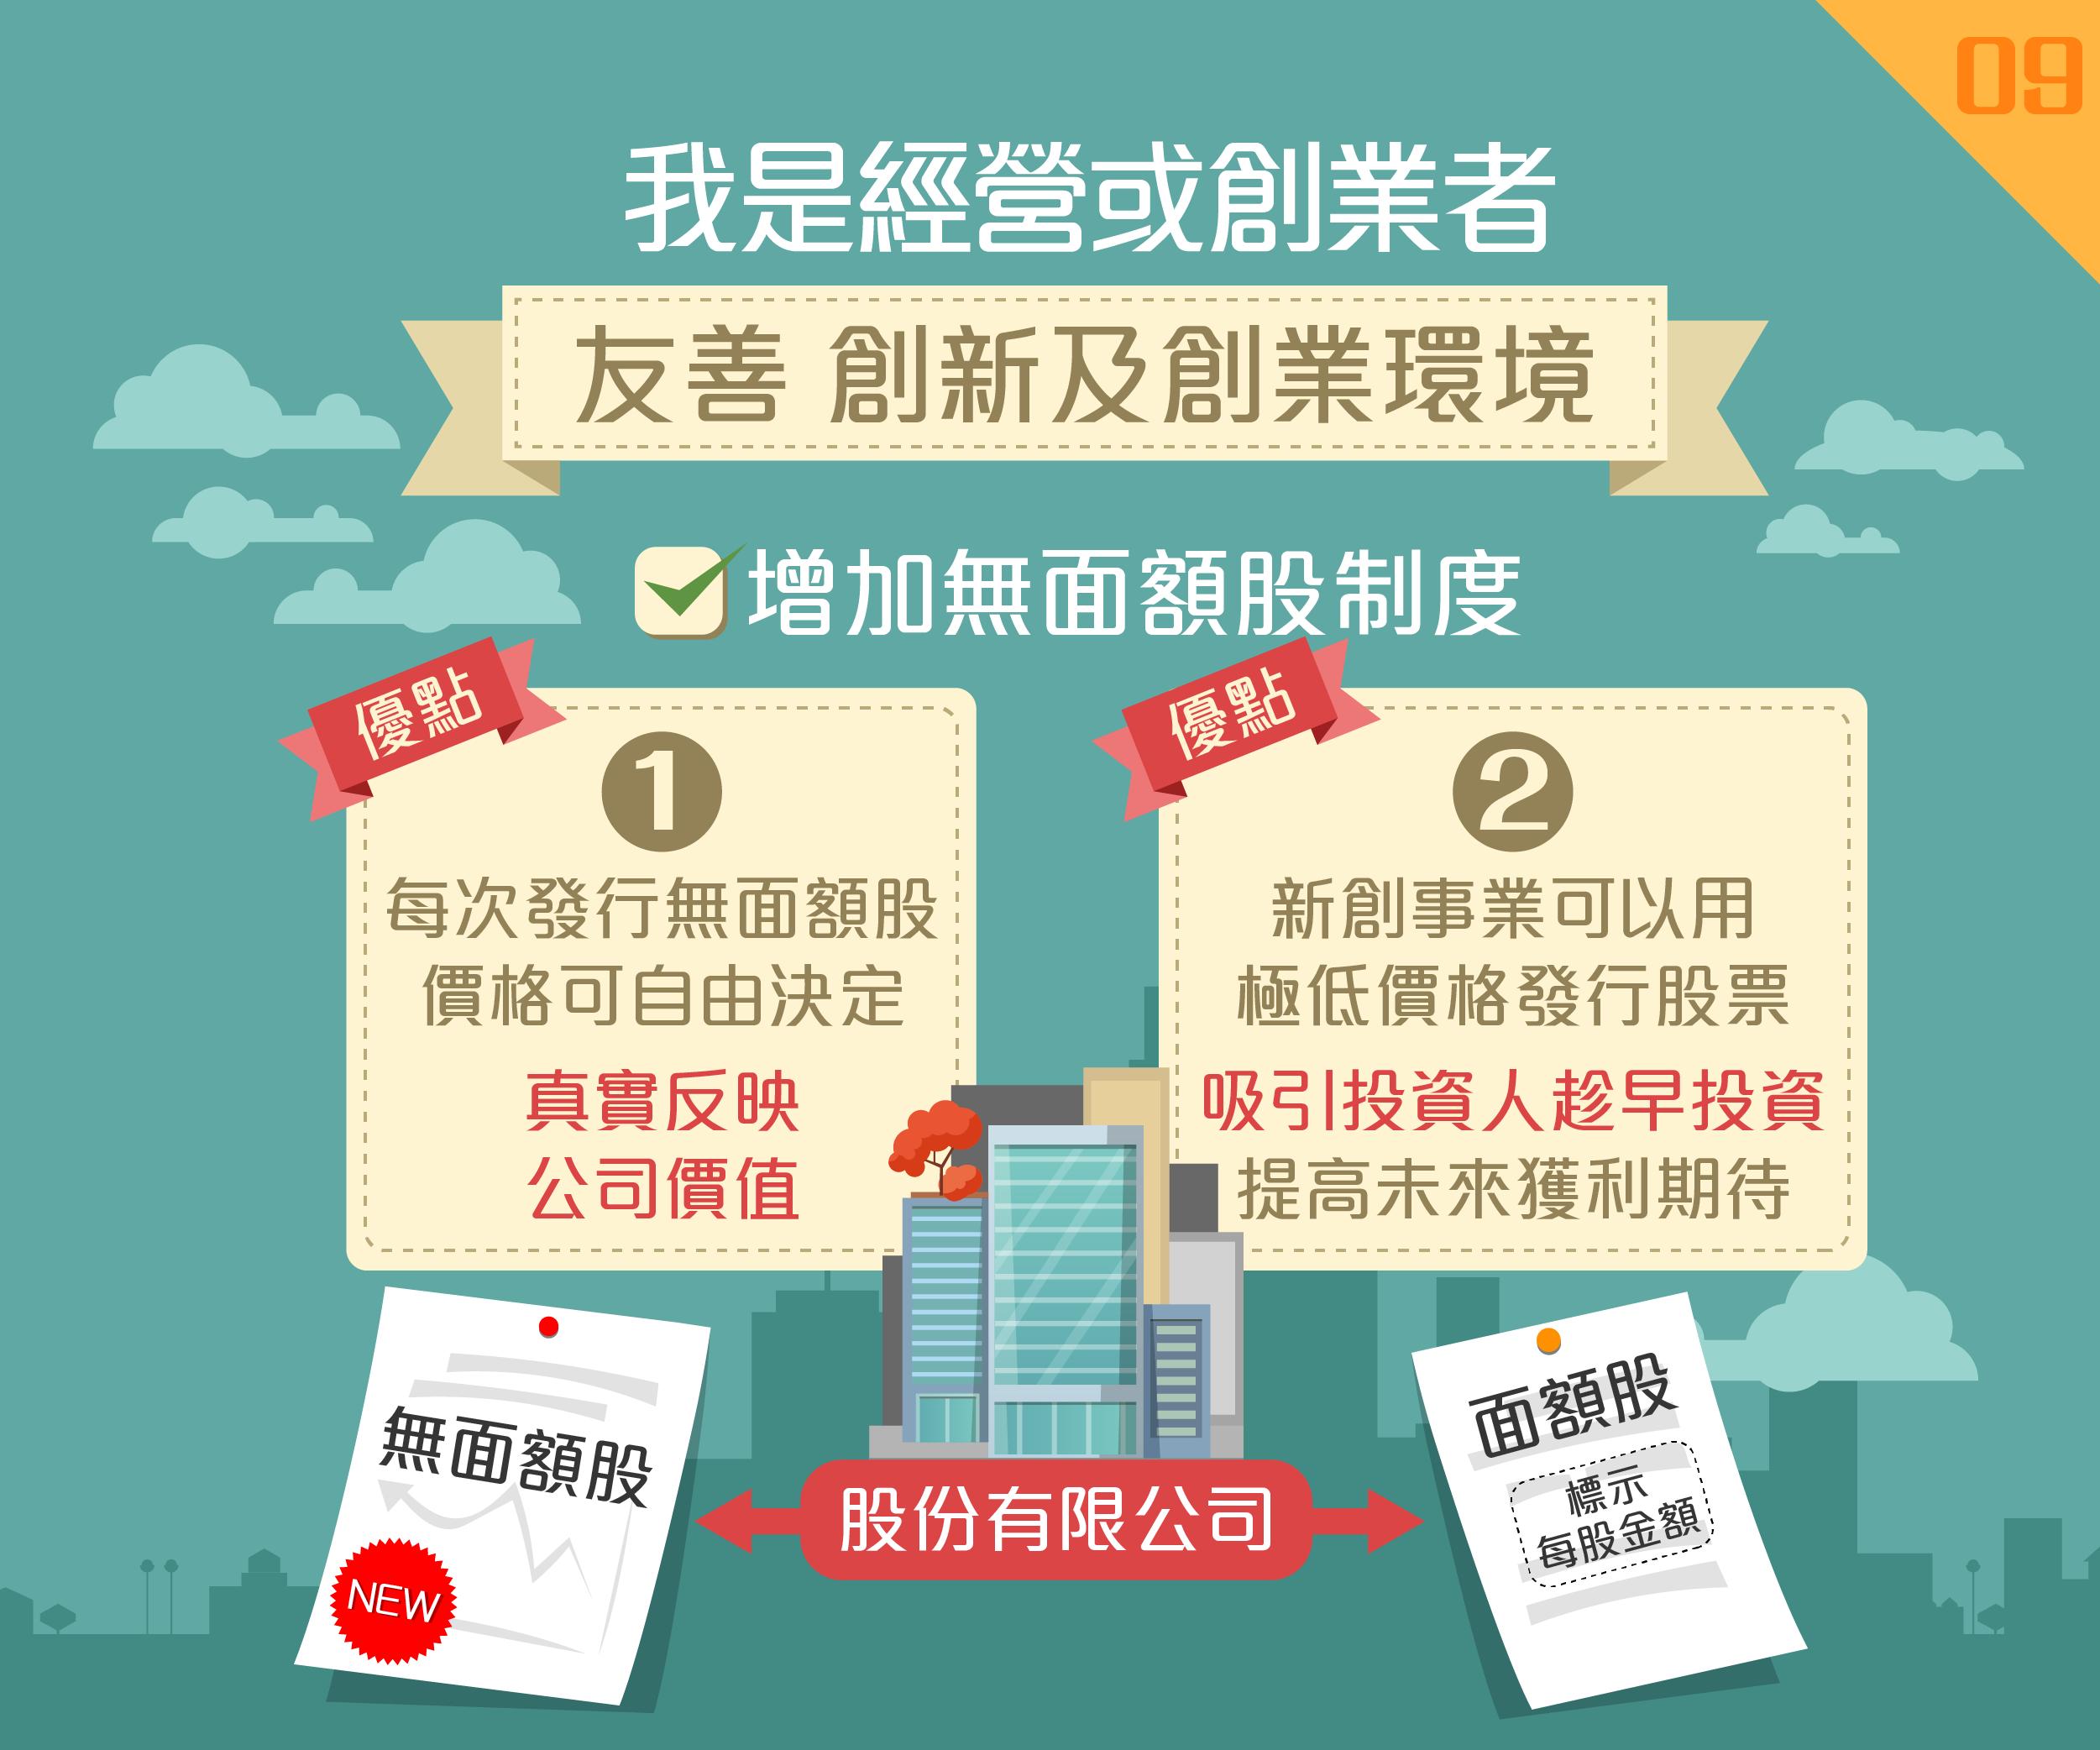 公司法懶人包修改2018-0827-10